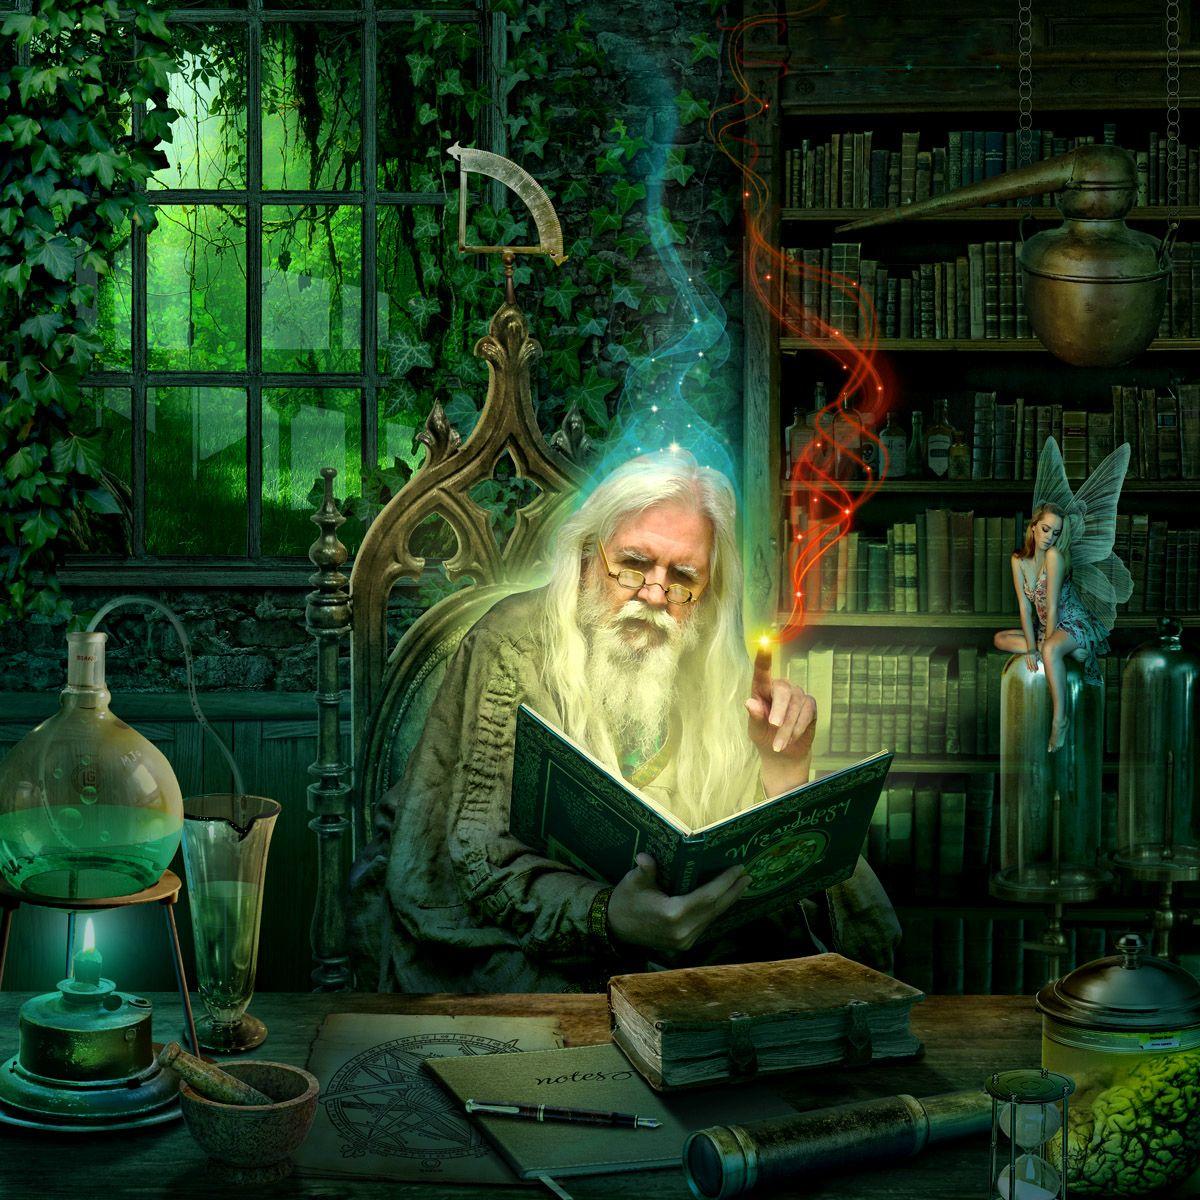 алхимики в фэнтези картинки индивидуальны каждая